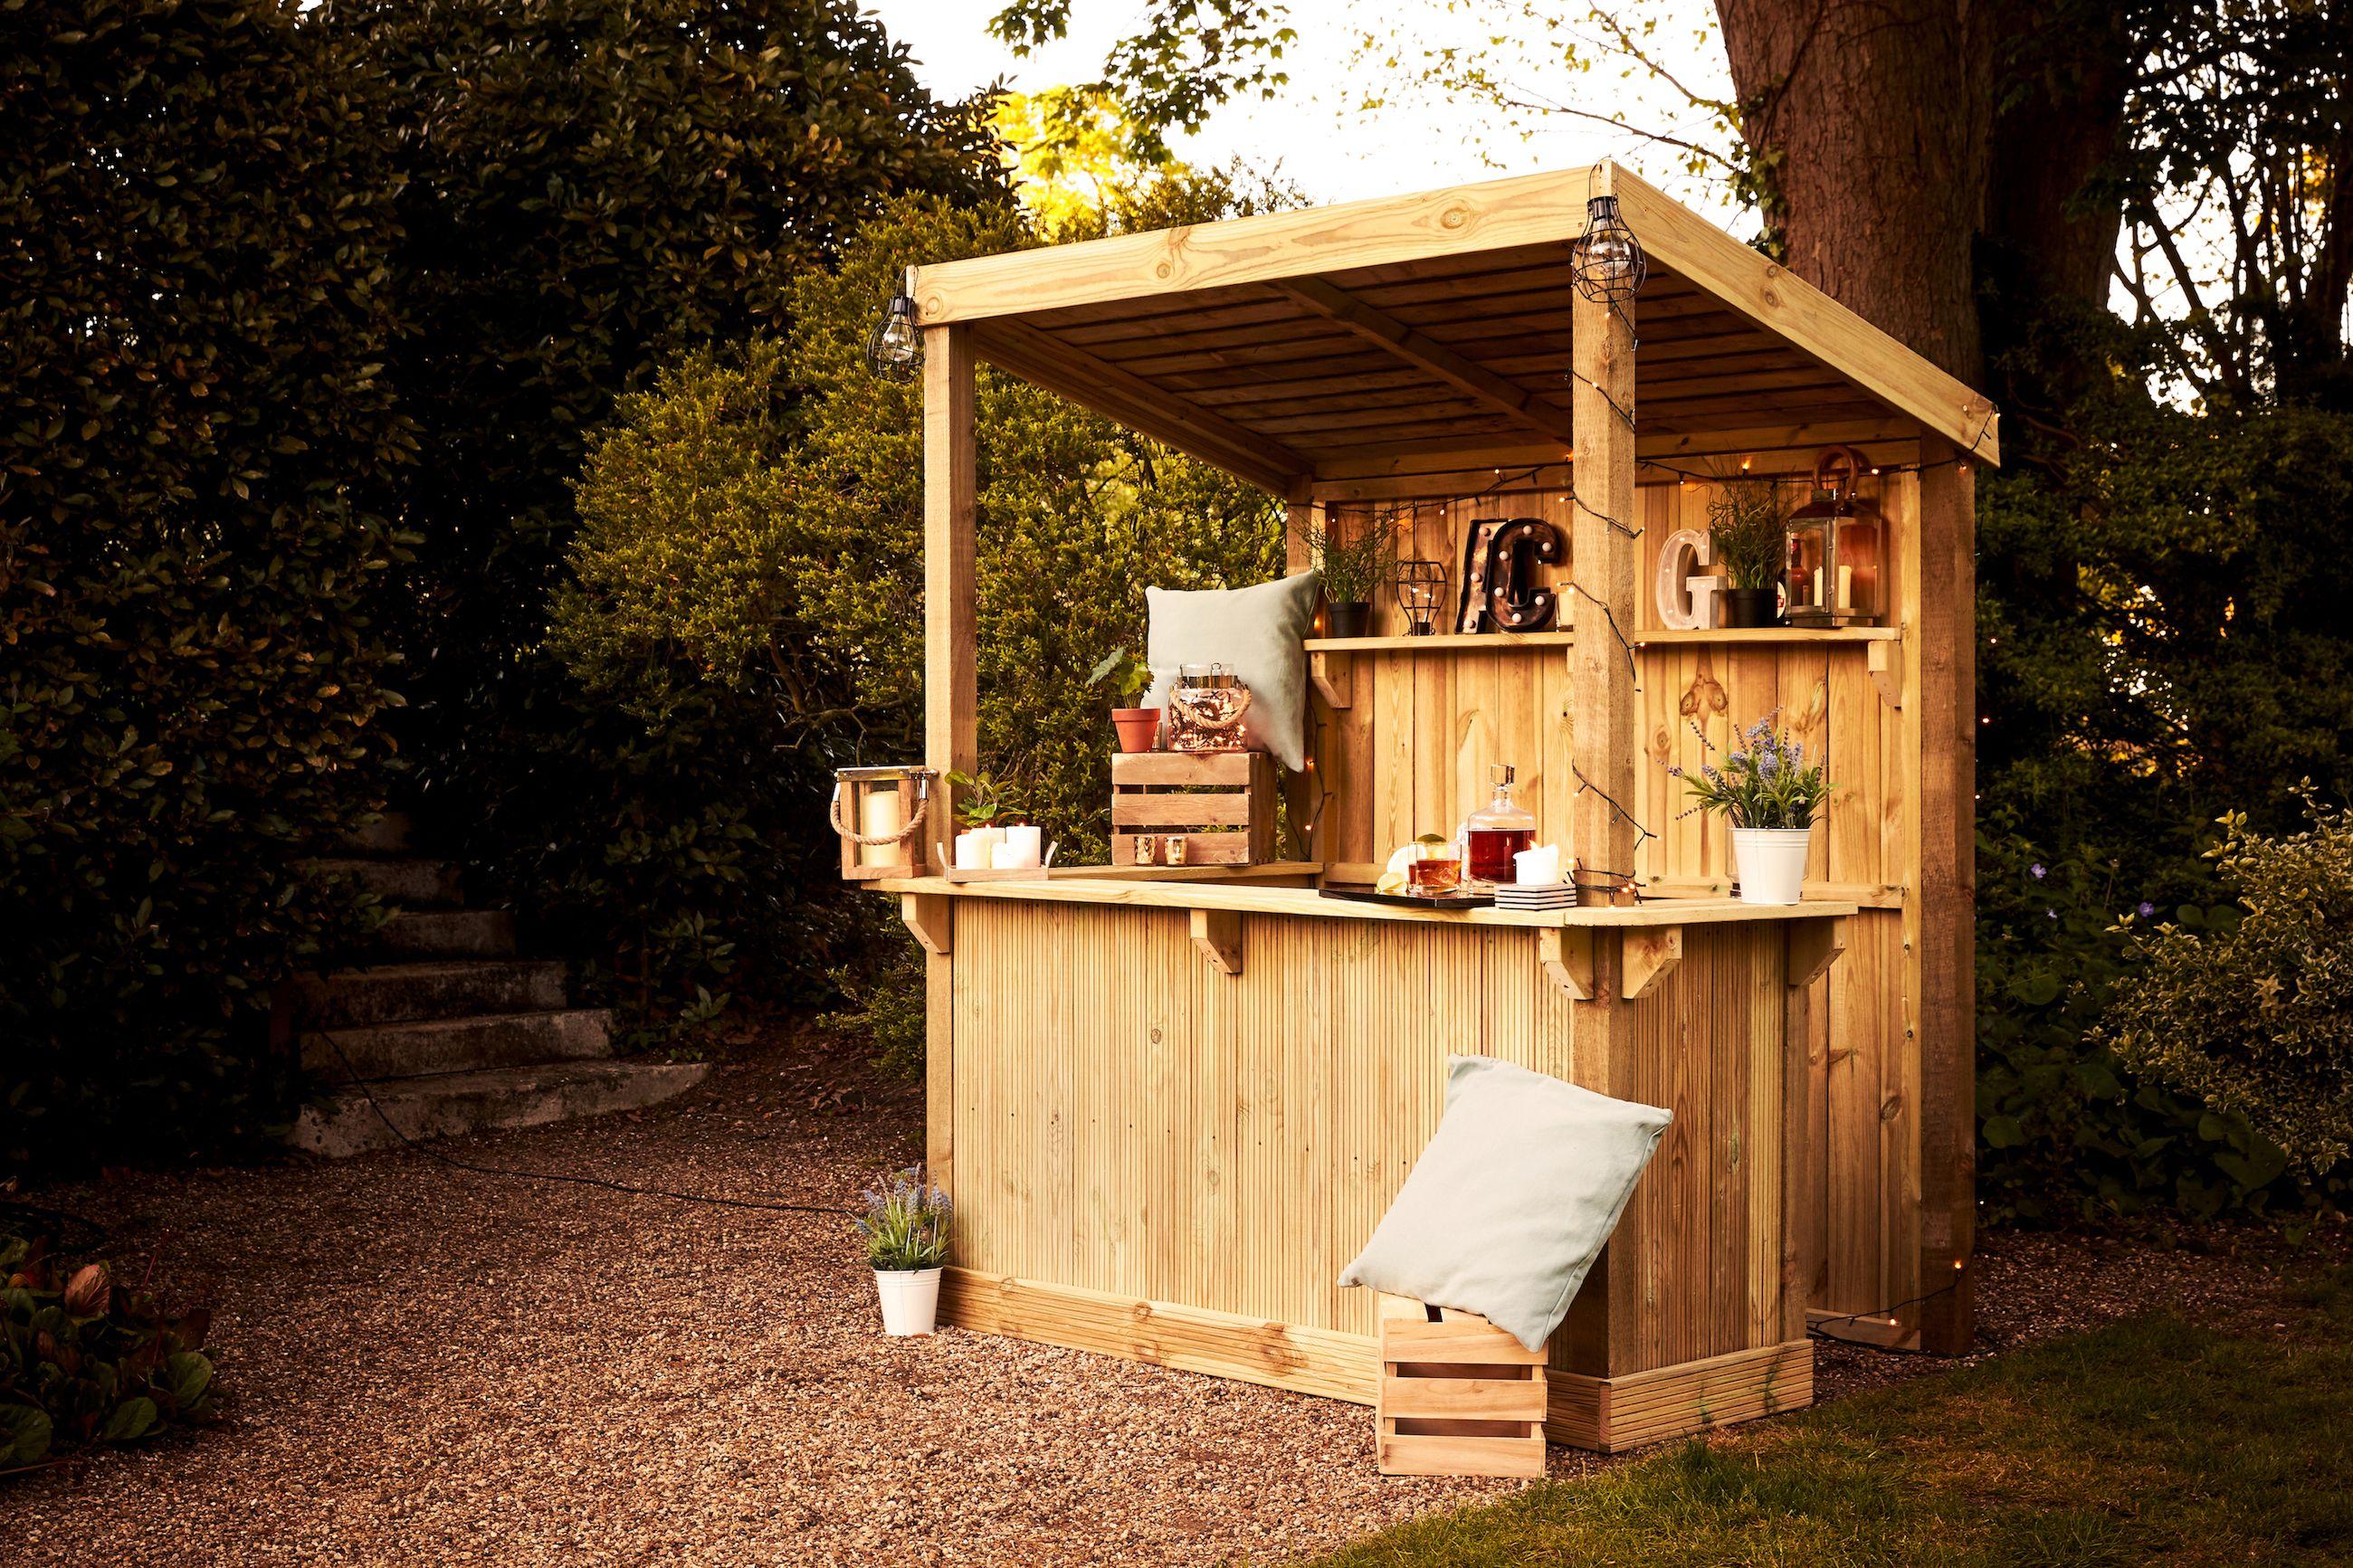 Wickes Launches Build Your Own Garden Bar Garden Bar